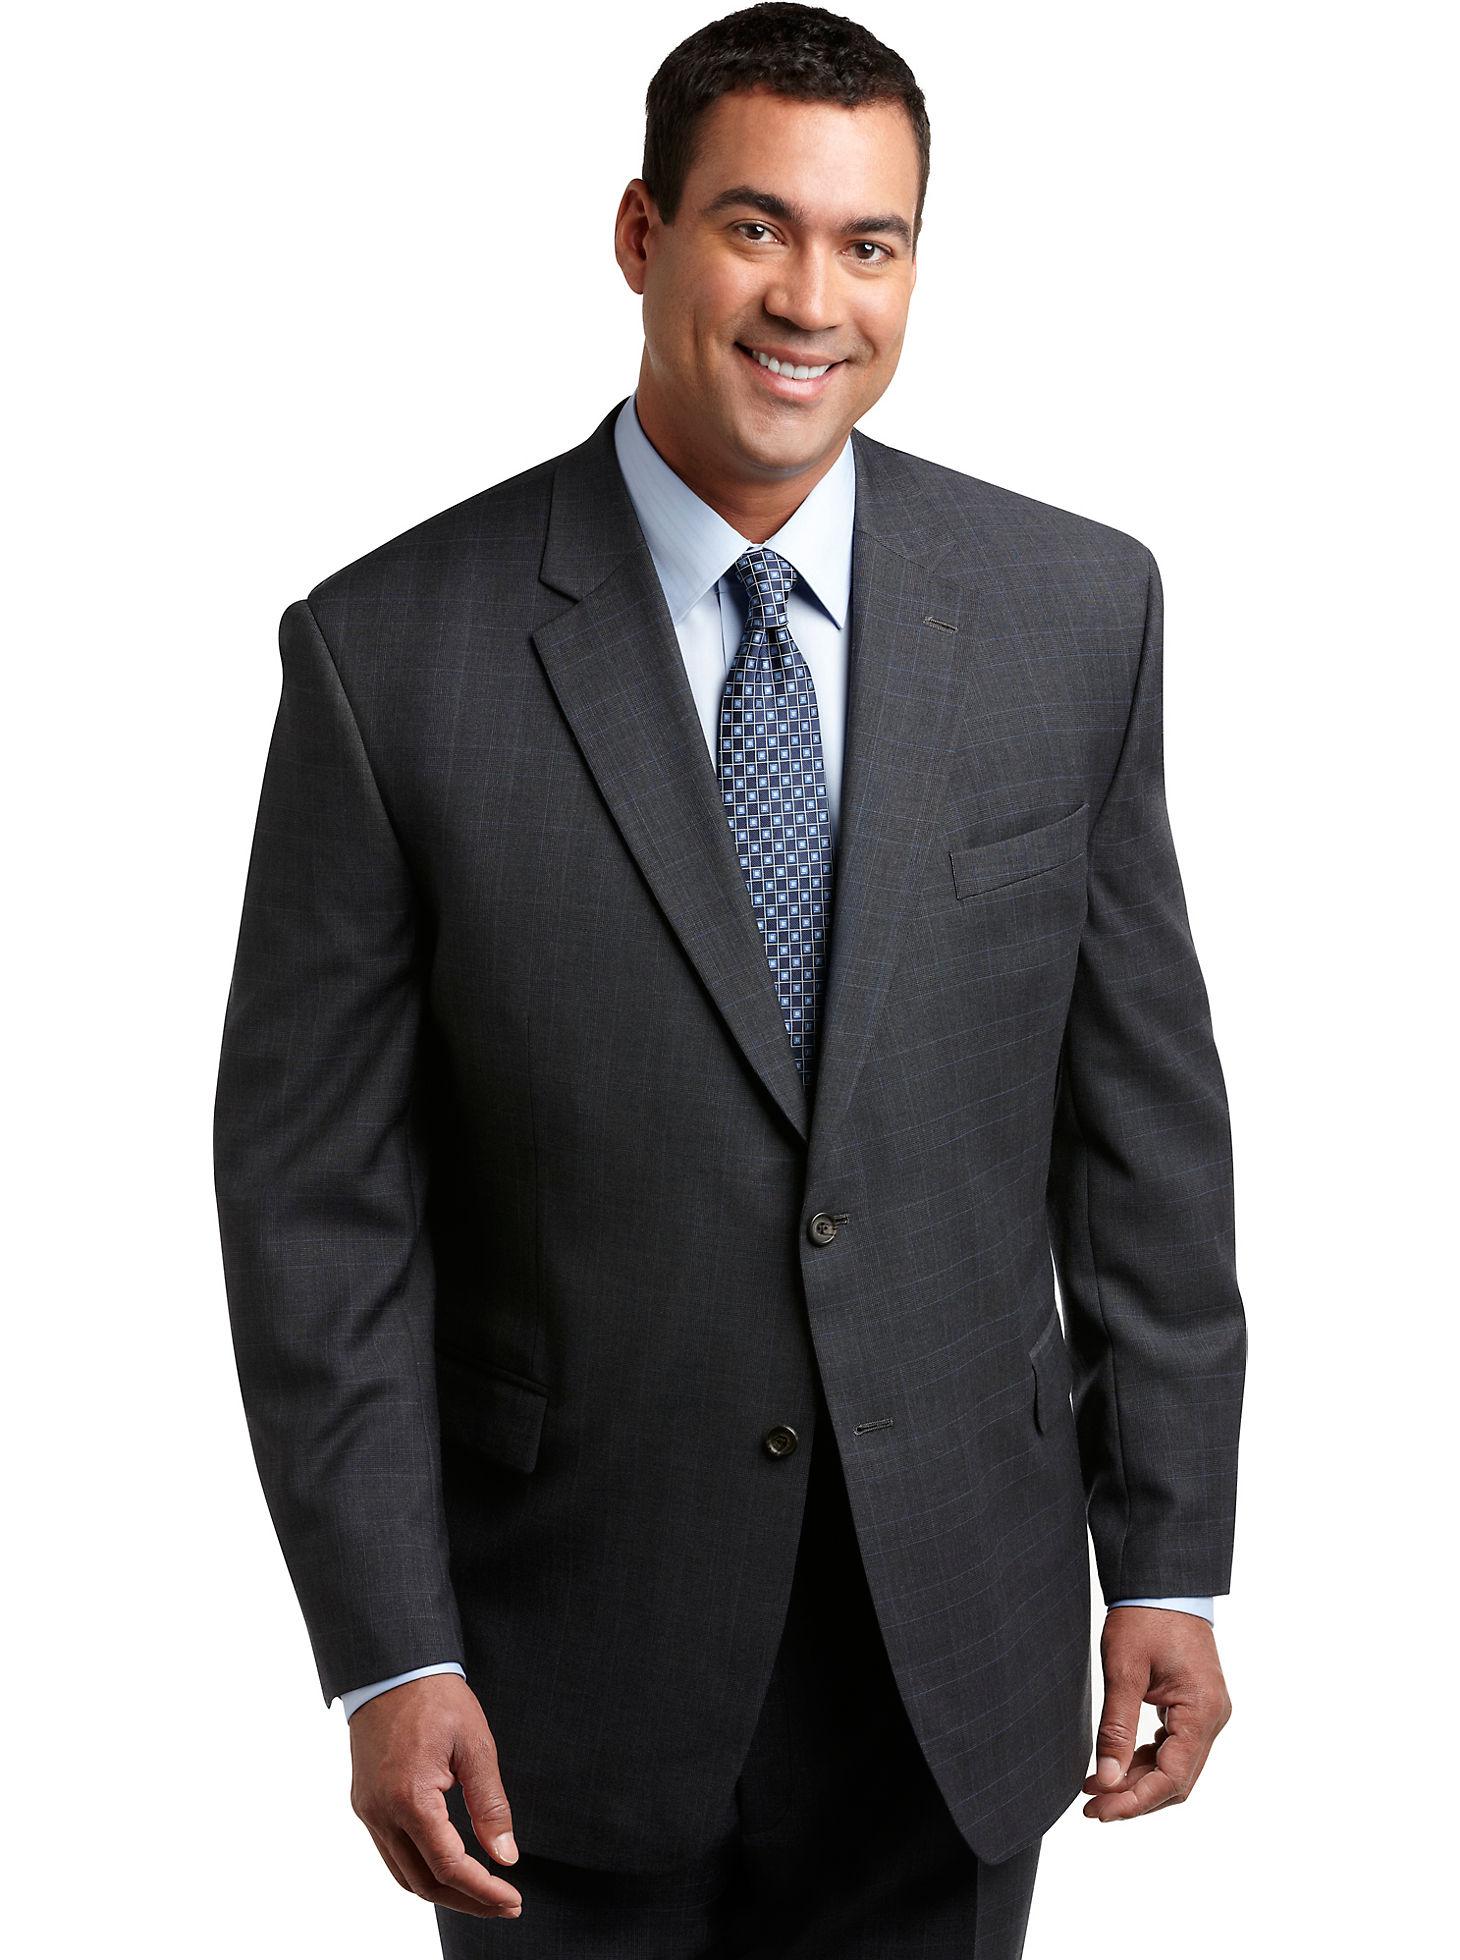 Best Suit at Men's Wearhouse